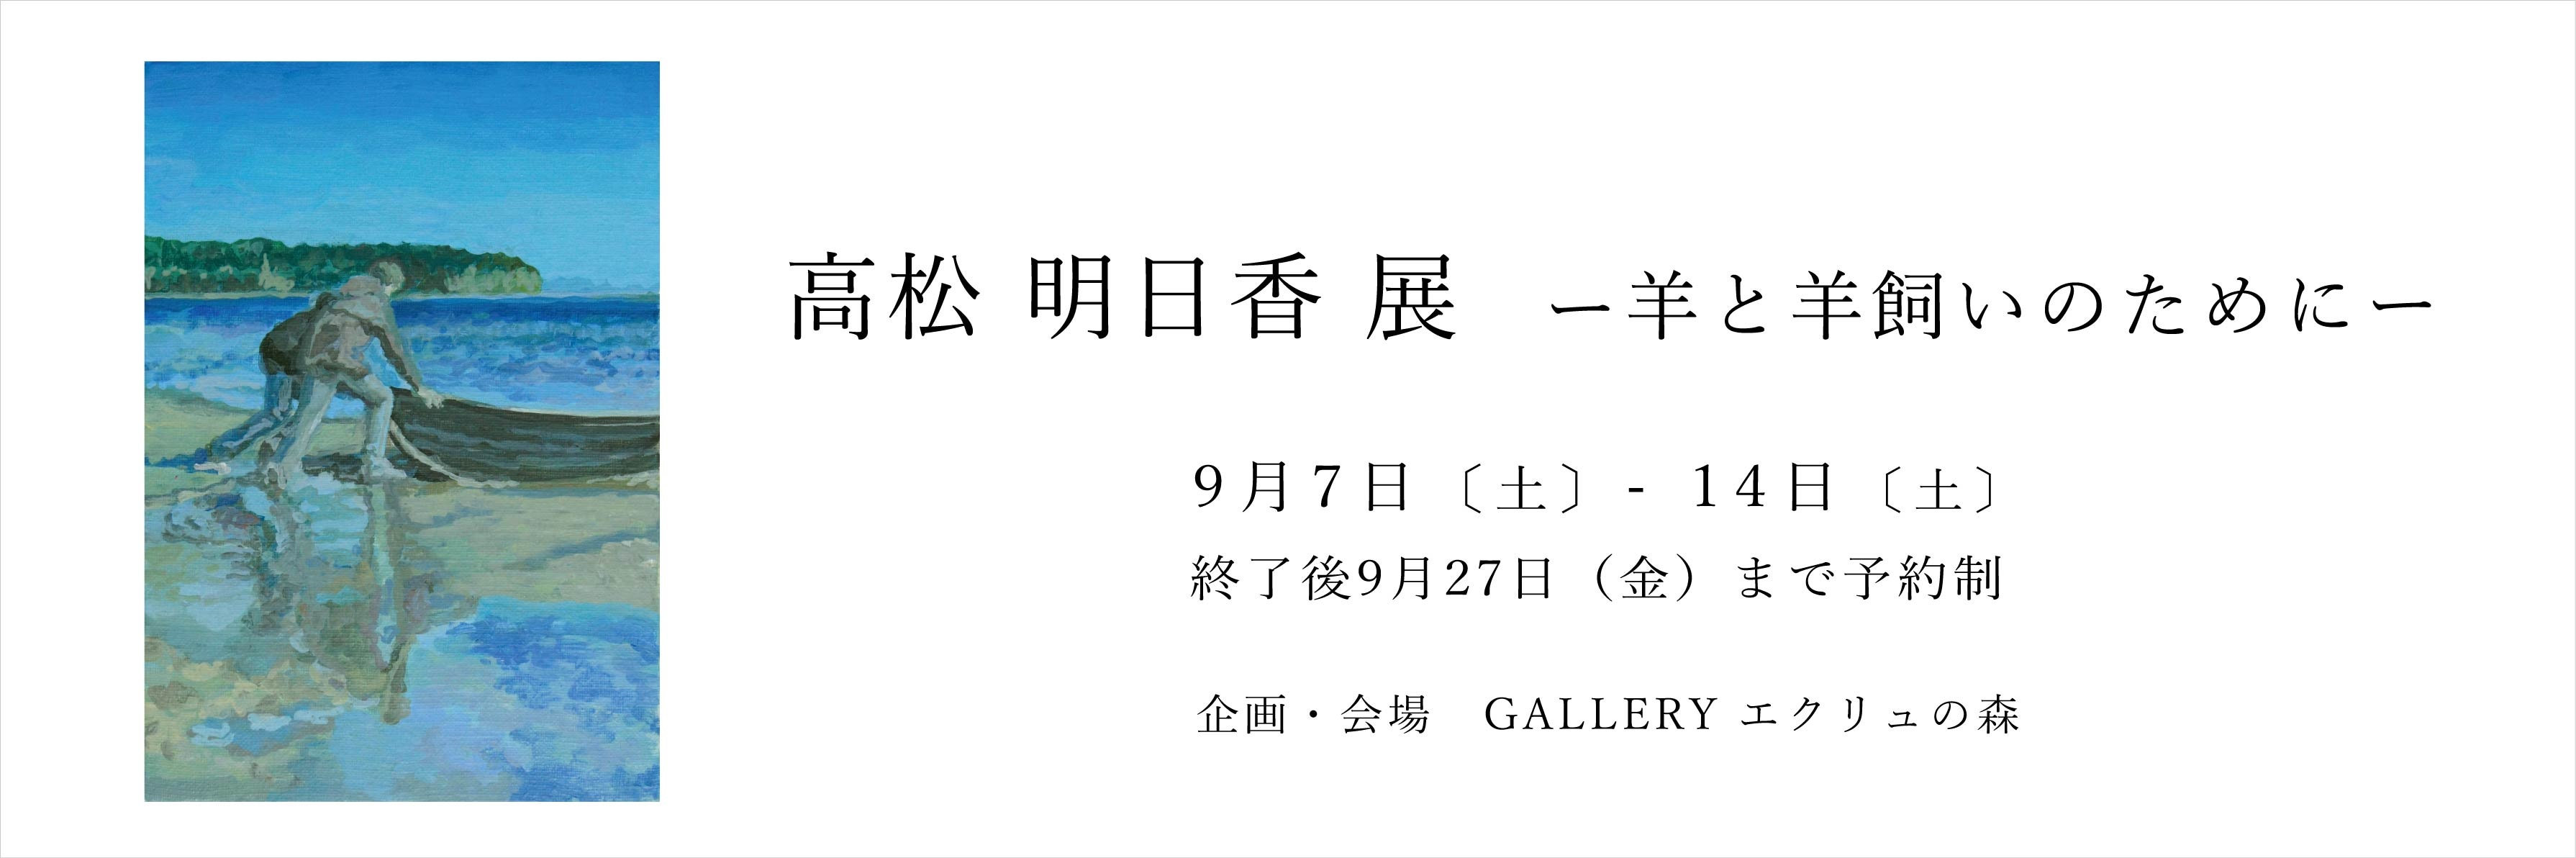 banner_takamatusama_jpn3